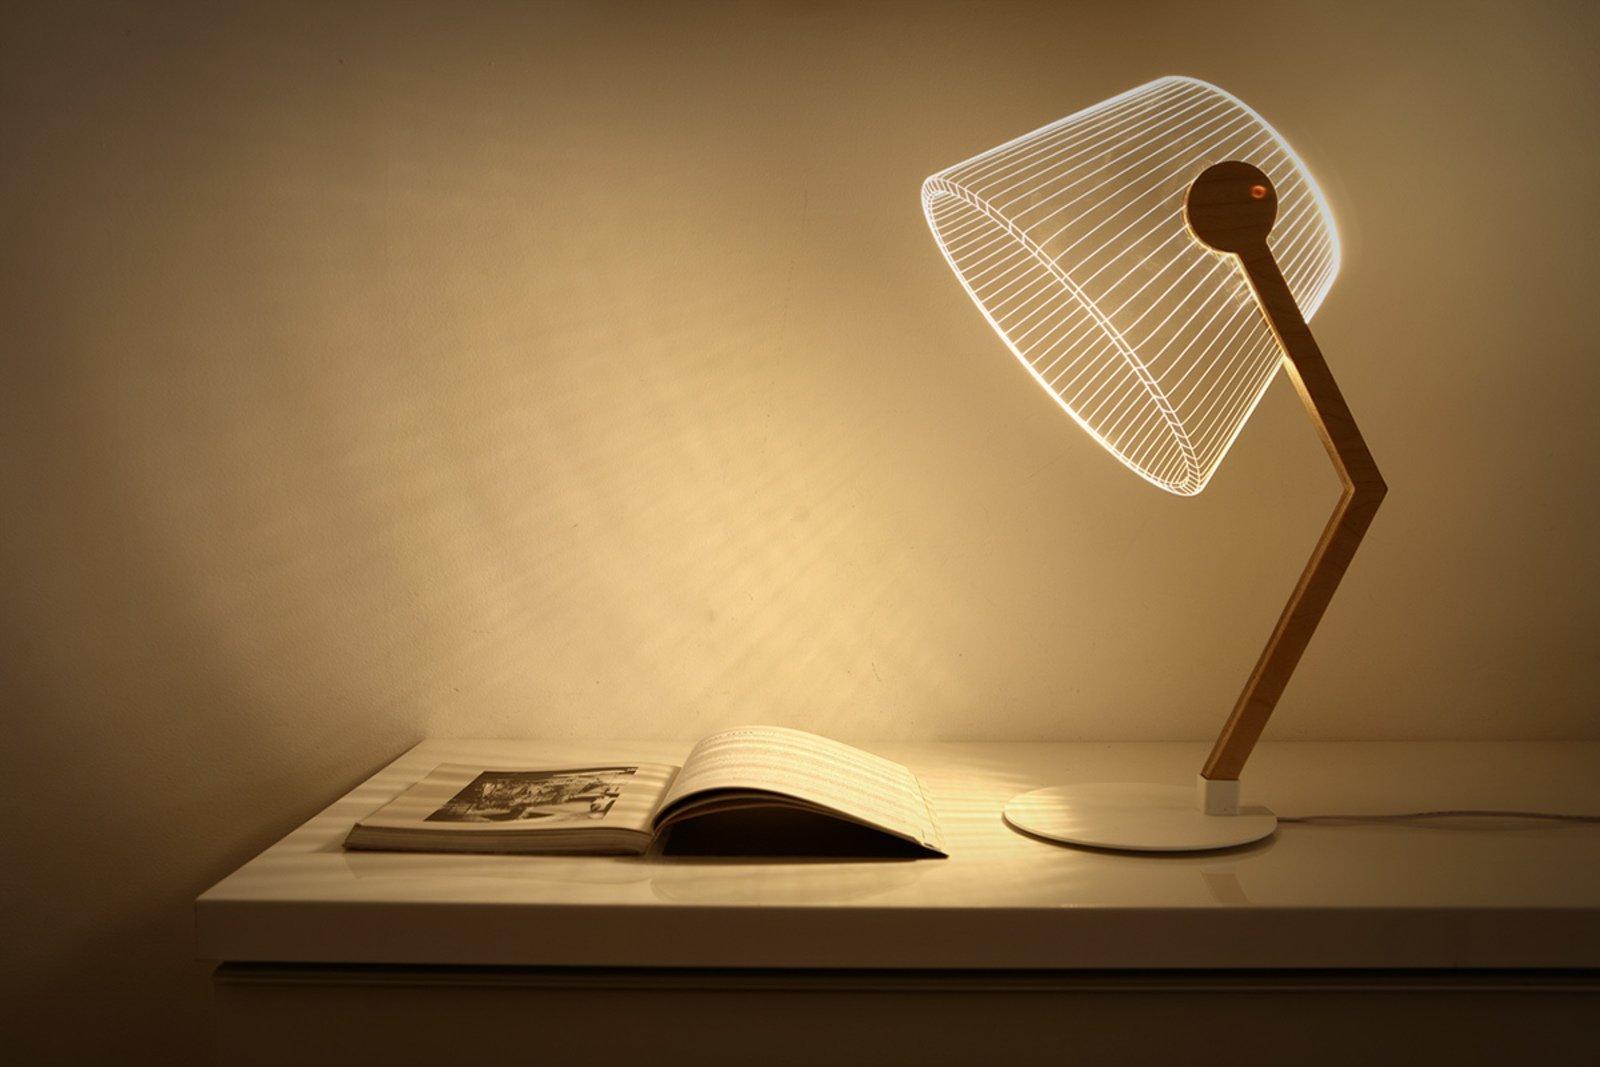 Čtecí lampička je naprostý základ.